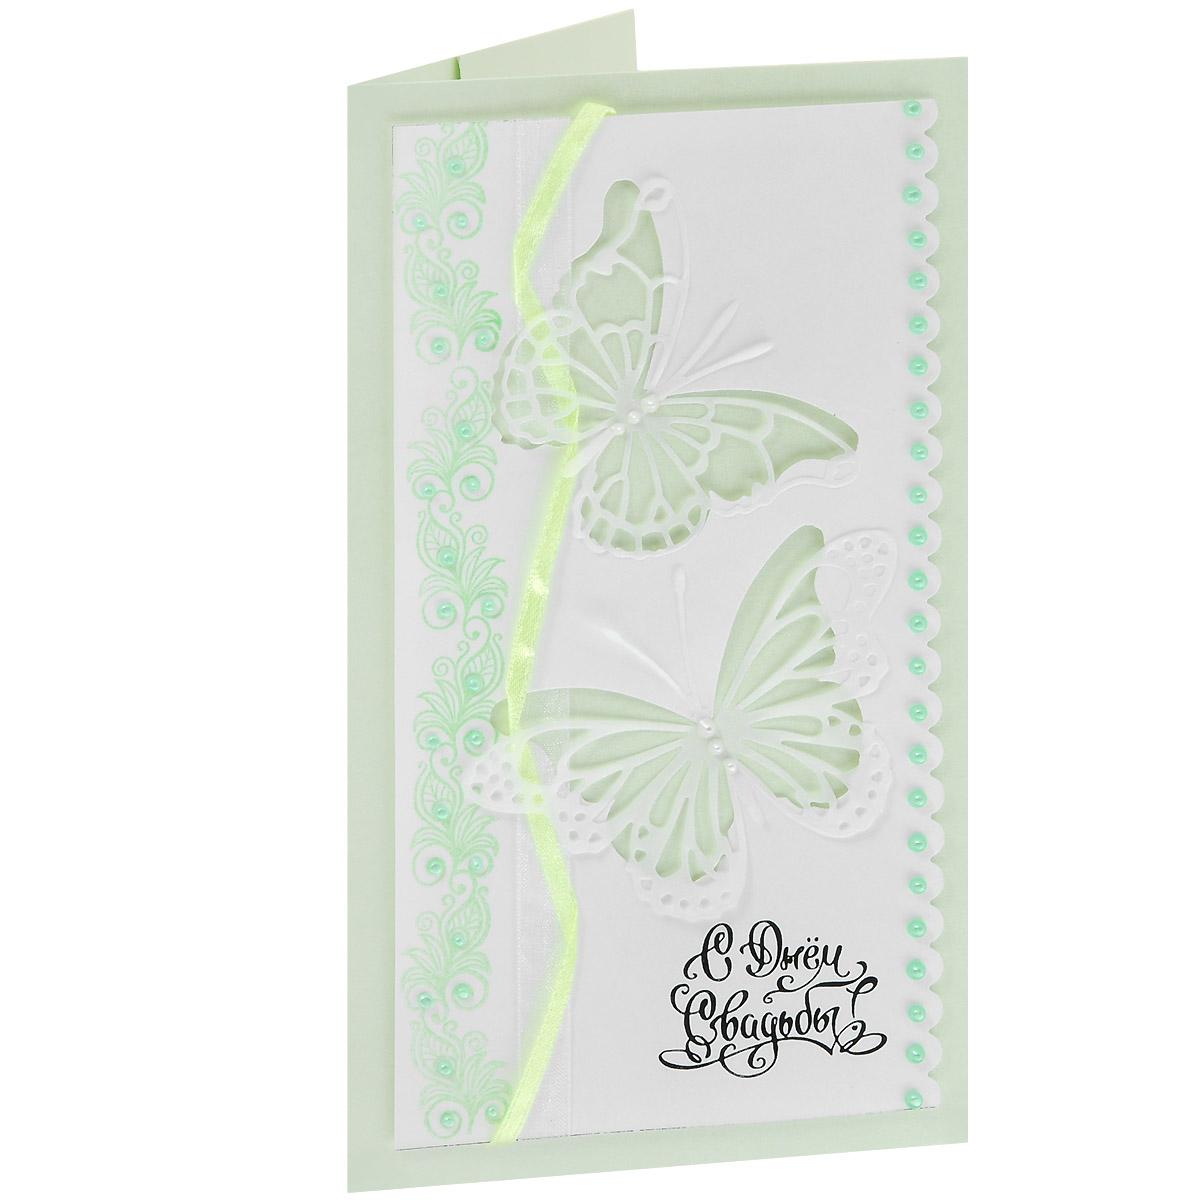 ОСВ-0003 Открытка-конверт «С Днём Свадьбы!» (порхающие бабочки, зеленая). Студия «Тётя Роза»94979Характеристики: Размер 19 см x 11 см.Материал: Высоко-художественный картон, бумага, декор. Данная открытка может стать как прекрасным дополнением к вашему подарку, так и самостоятельным подарком. Так как открытка является и конвертом, в который вы можете вложить ваш денежный подарок или просто написать ваши пожелания на вкладыше. Почти невесомые ажурные бабочки вырезаны из полупрозрачной бумаги. Узор из вензелей украшает левый край лицевой части. Его дублируют переплетающиеся между собой атласные и капроновые ленты. Изобилие жемчуга обогащает общую композицию.Также открытка упакована в пакетик для сохранности.Обращаем Ваше внимание на то, что открытка может незначительно отличаться от представленной на фото.Открытки ручной работы от студии Тётя Роза отличаются своим неповторимым и ярким стилем. Каждая уникальна и выполнена вручную мастерами студии. (Открытка для мужчин, открытка для женщины, открытка на день рождения, открытка с днем свадьбы, открытка винтаж, открытка с юбилеем, открытка на все случаи, скрапбукинг)